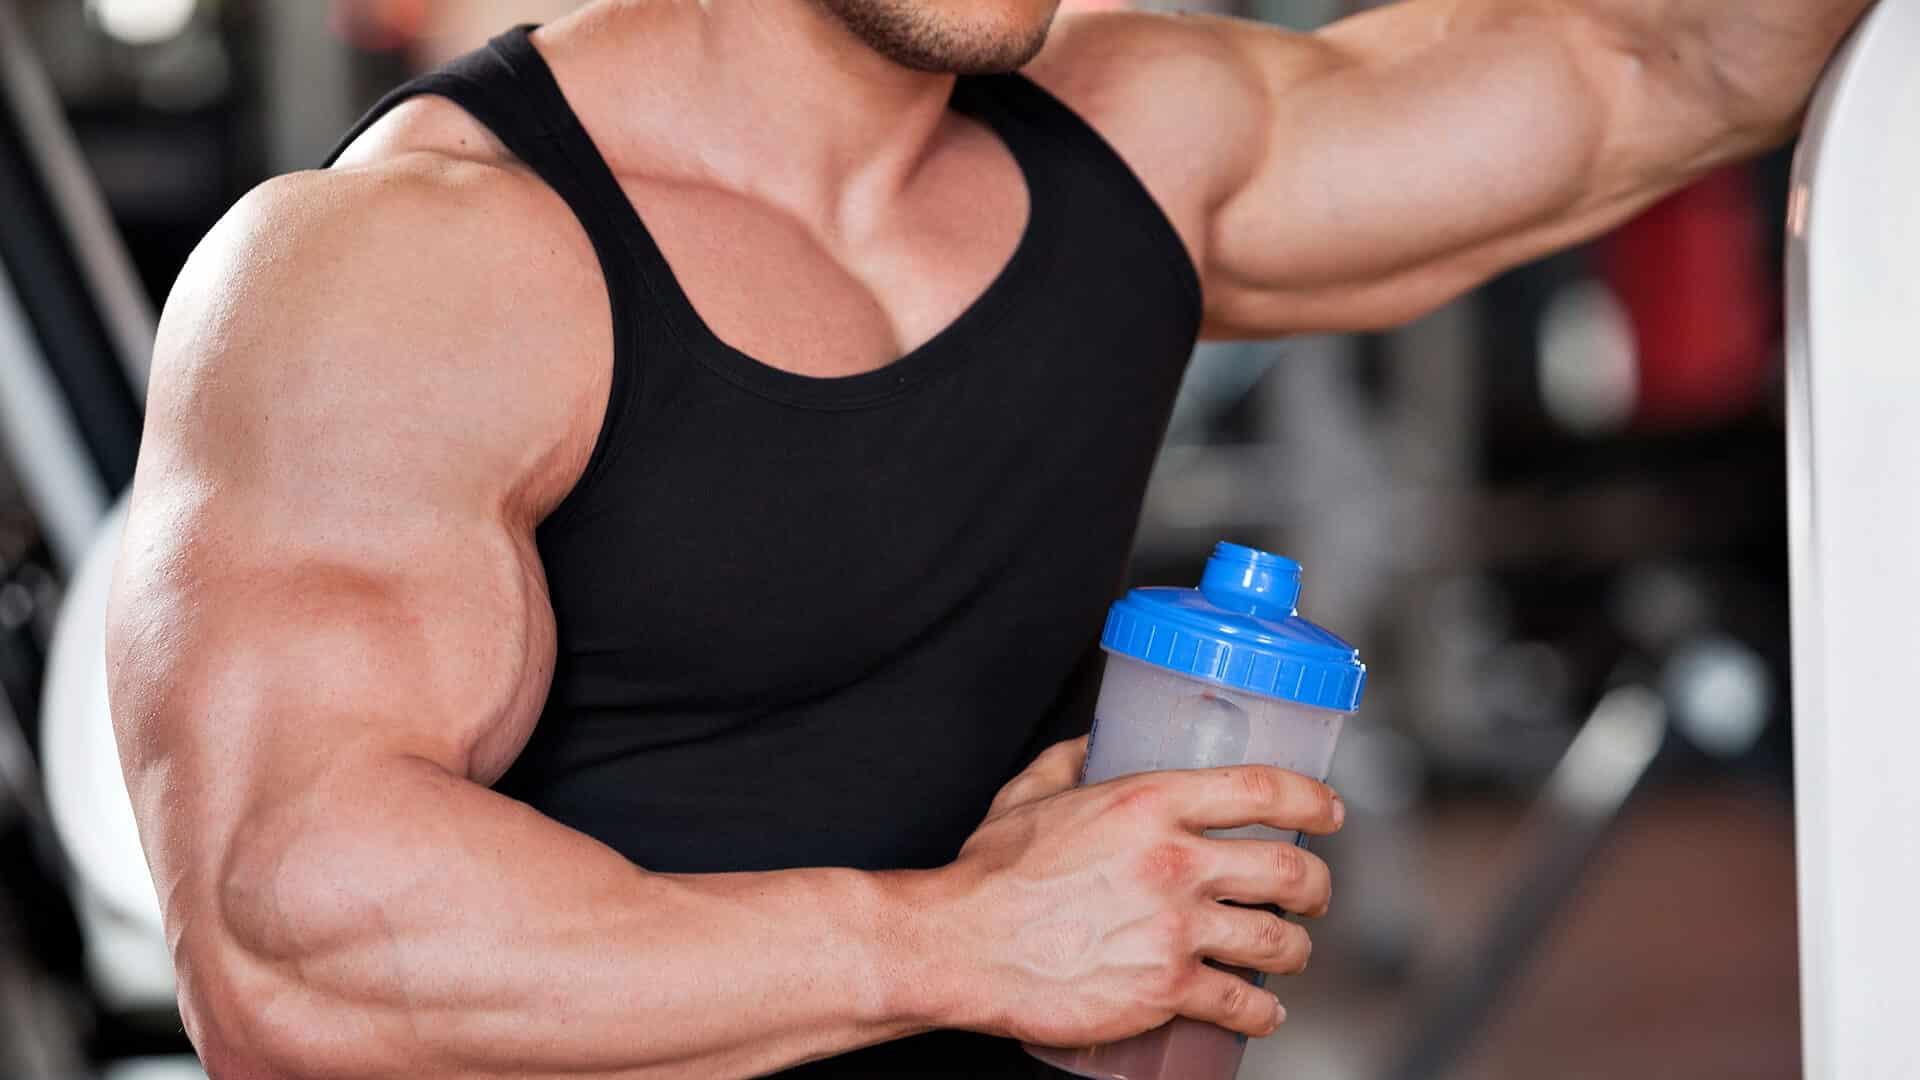 صورة افضل بروتين لتضخيم العضلات , انواع مكملات الغذاء لبناء العضلات